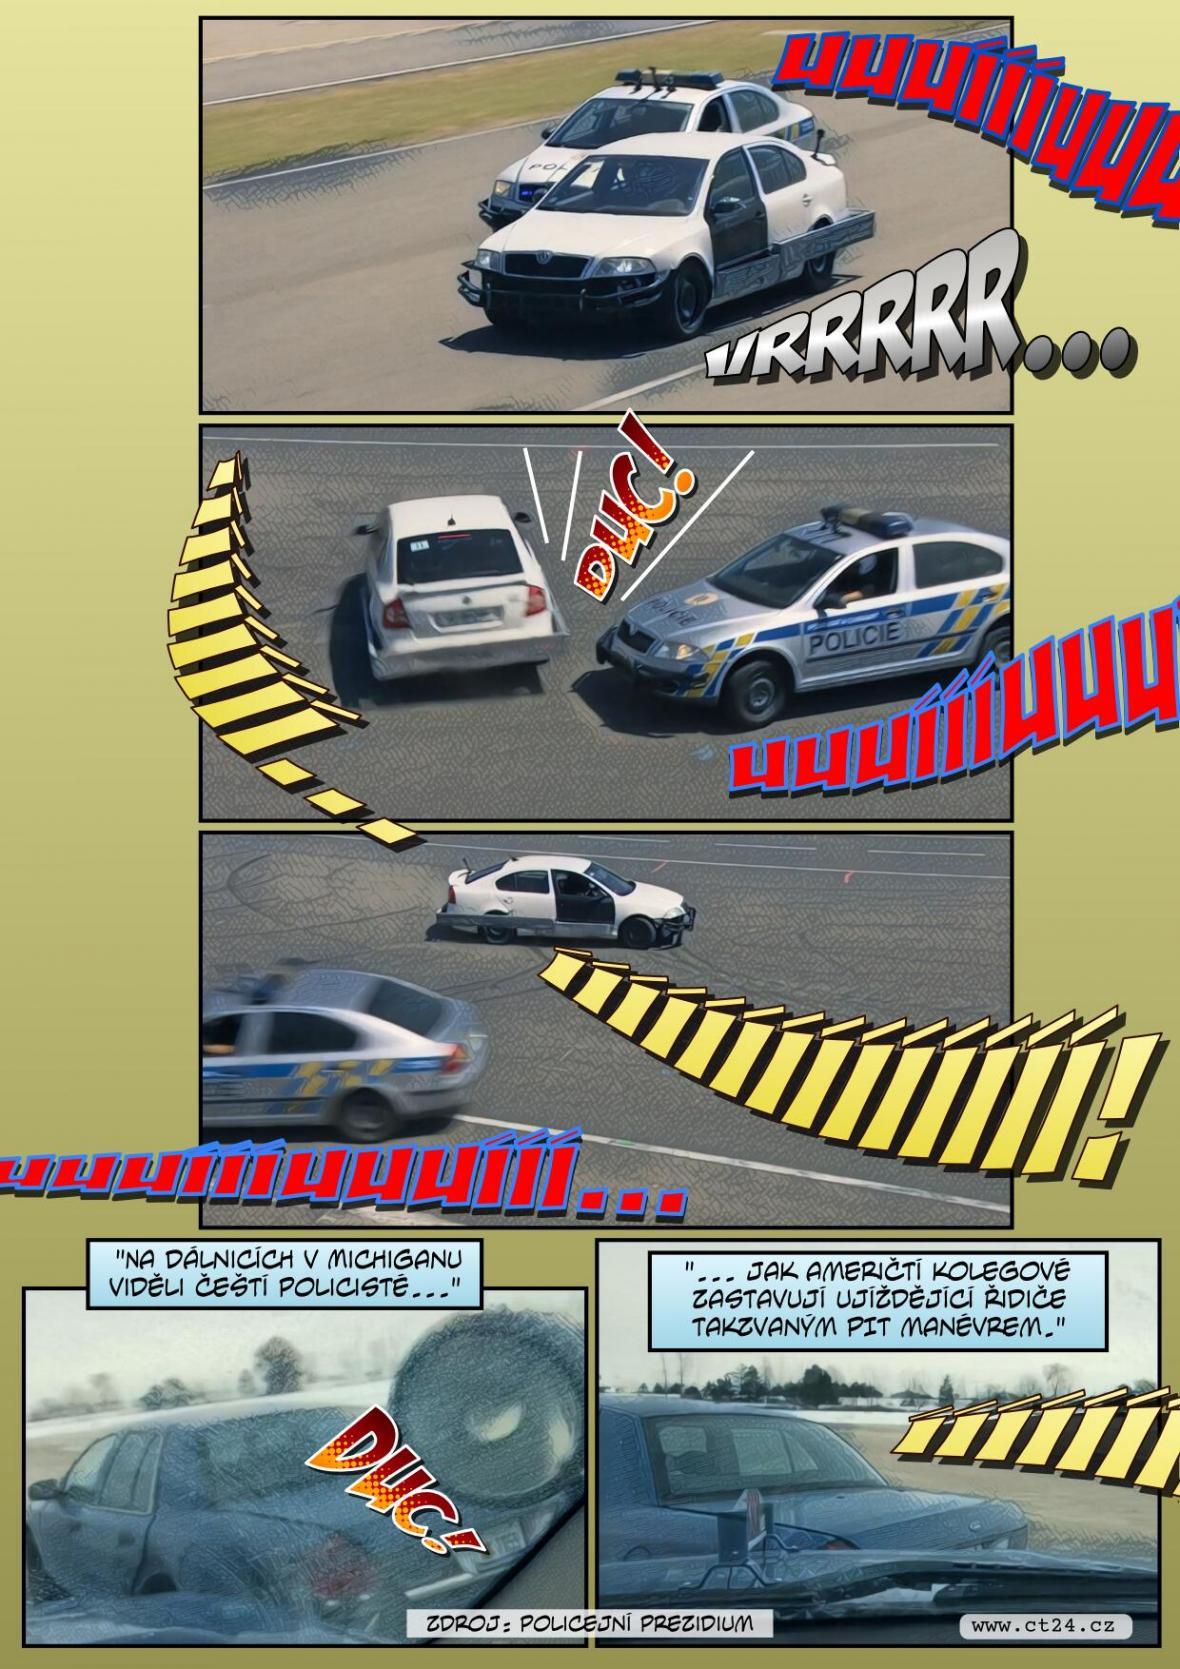 Policejní manévr zastaví auto na útěku